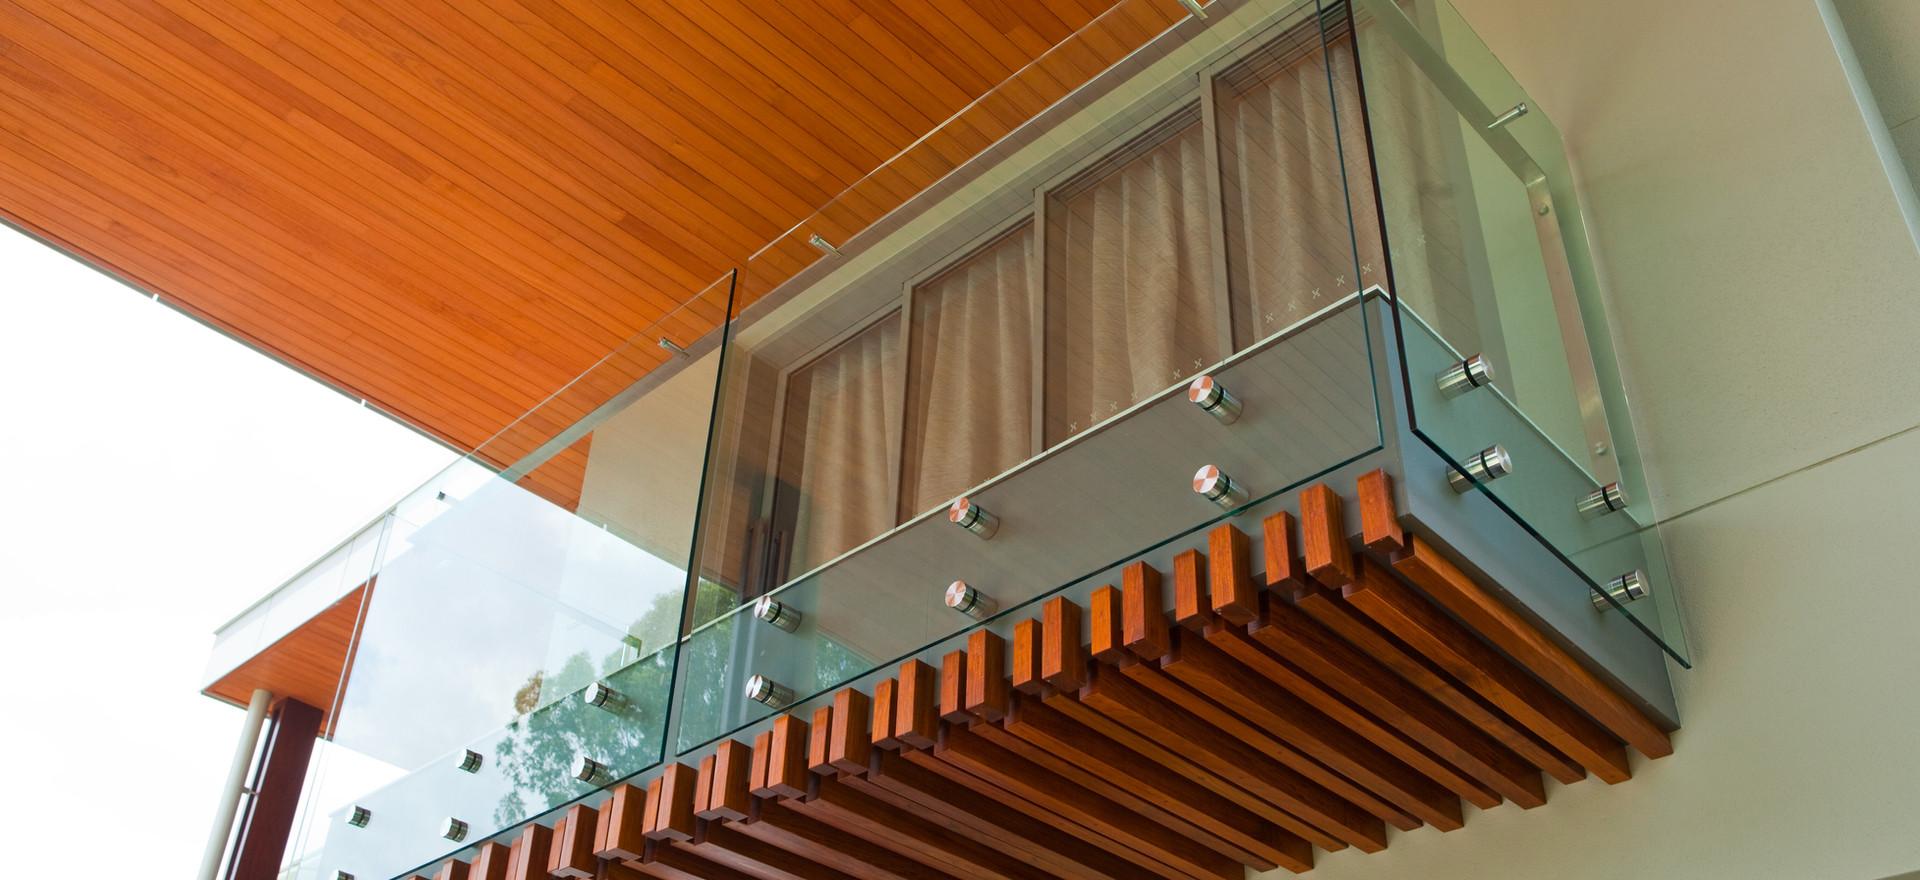 pin fixed balcony overlooking pool